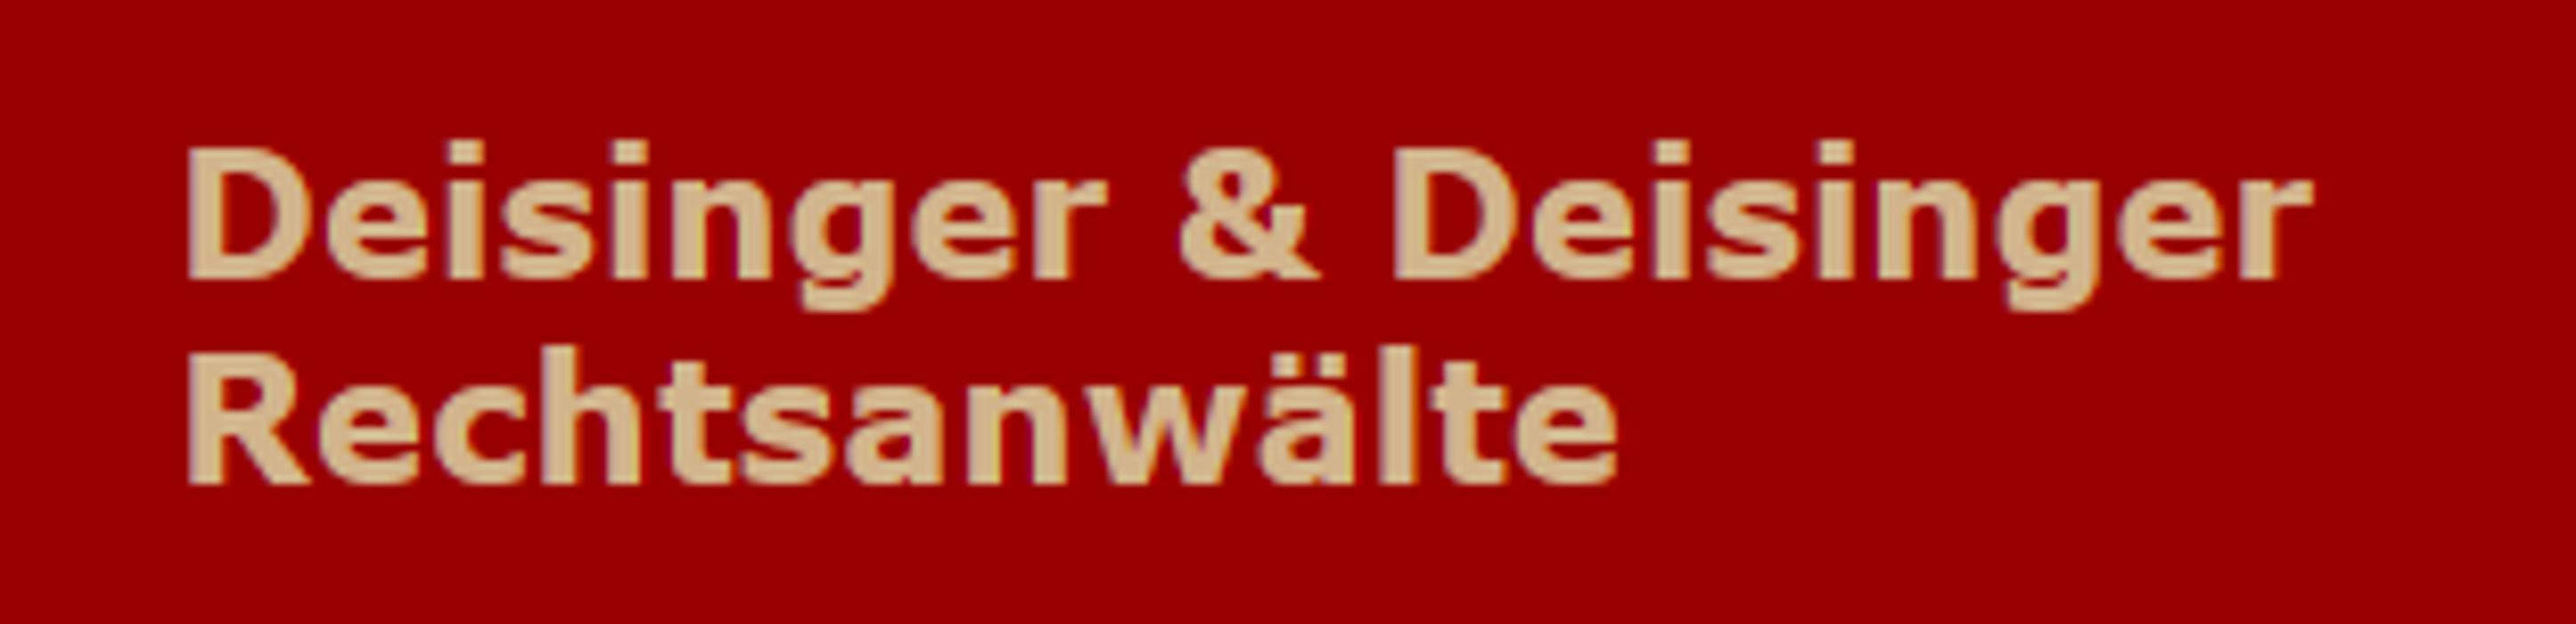 Bild zu Rechtsanwälte Deisinger & Deisinger in Lübeck